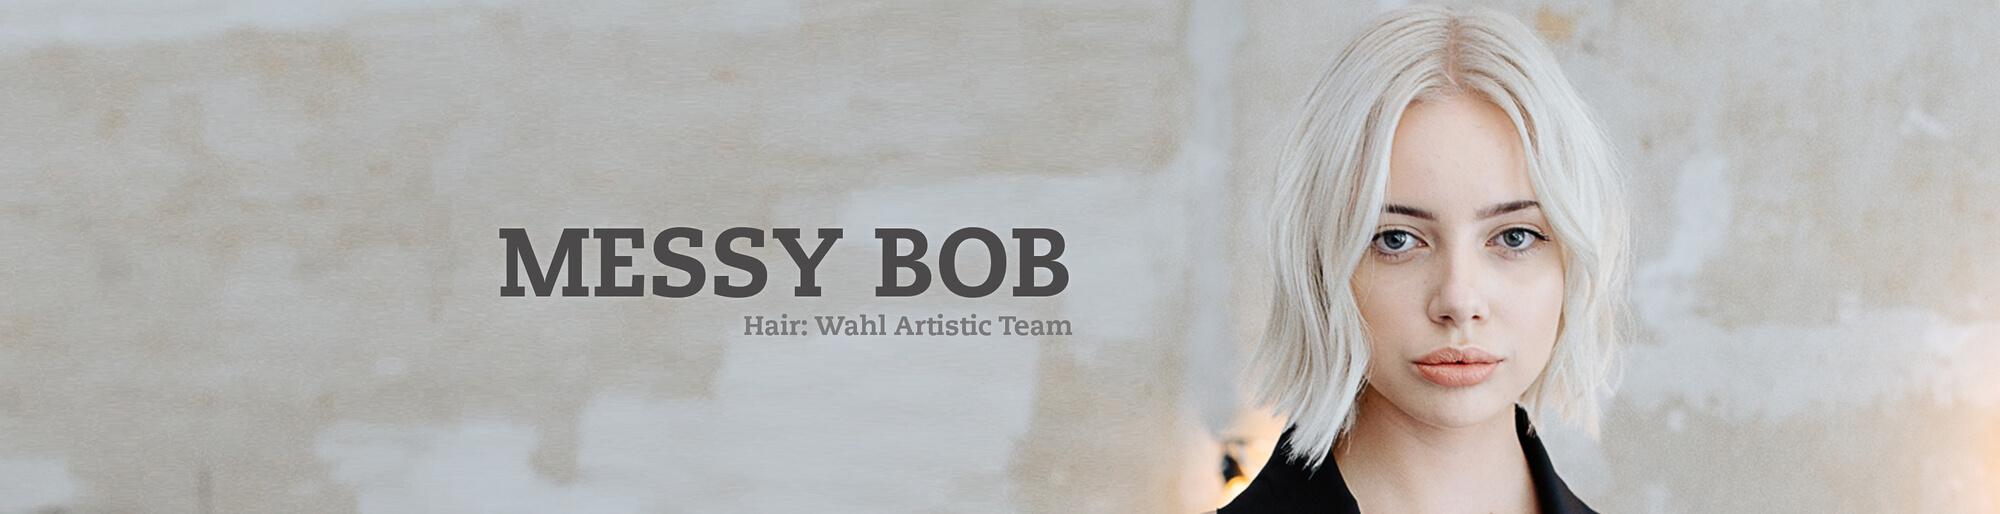 messy bob header.jpg